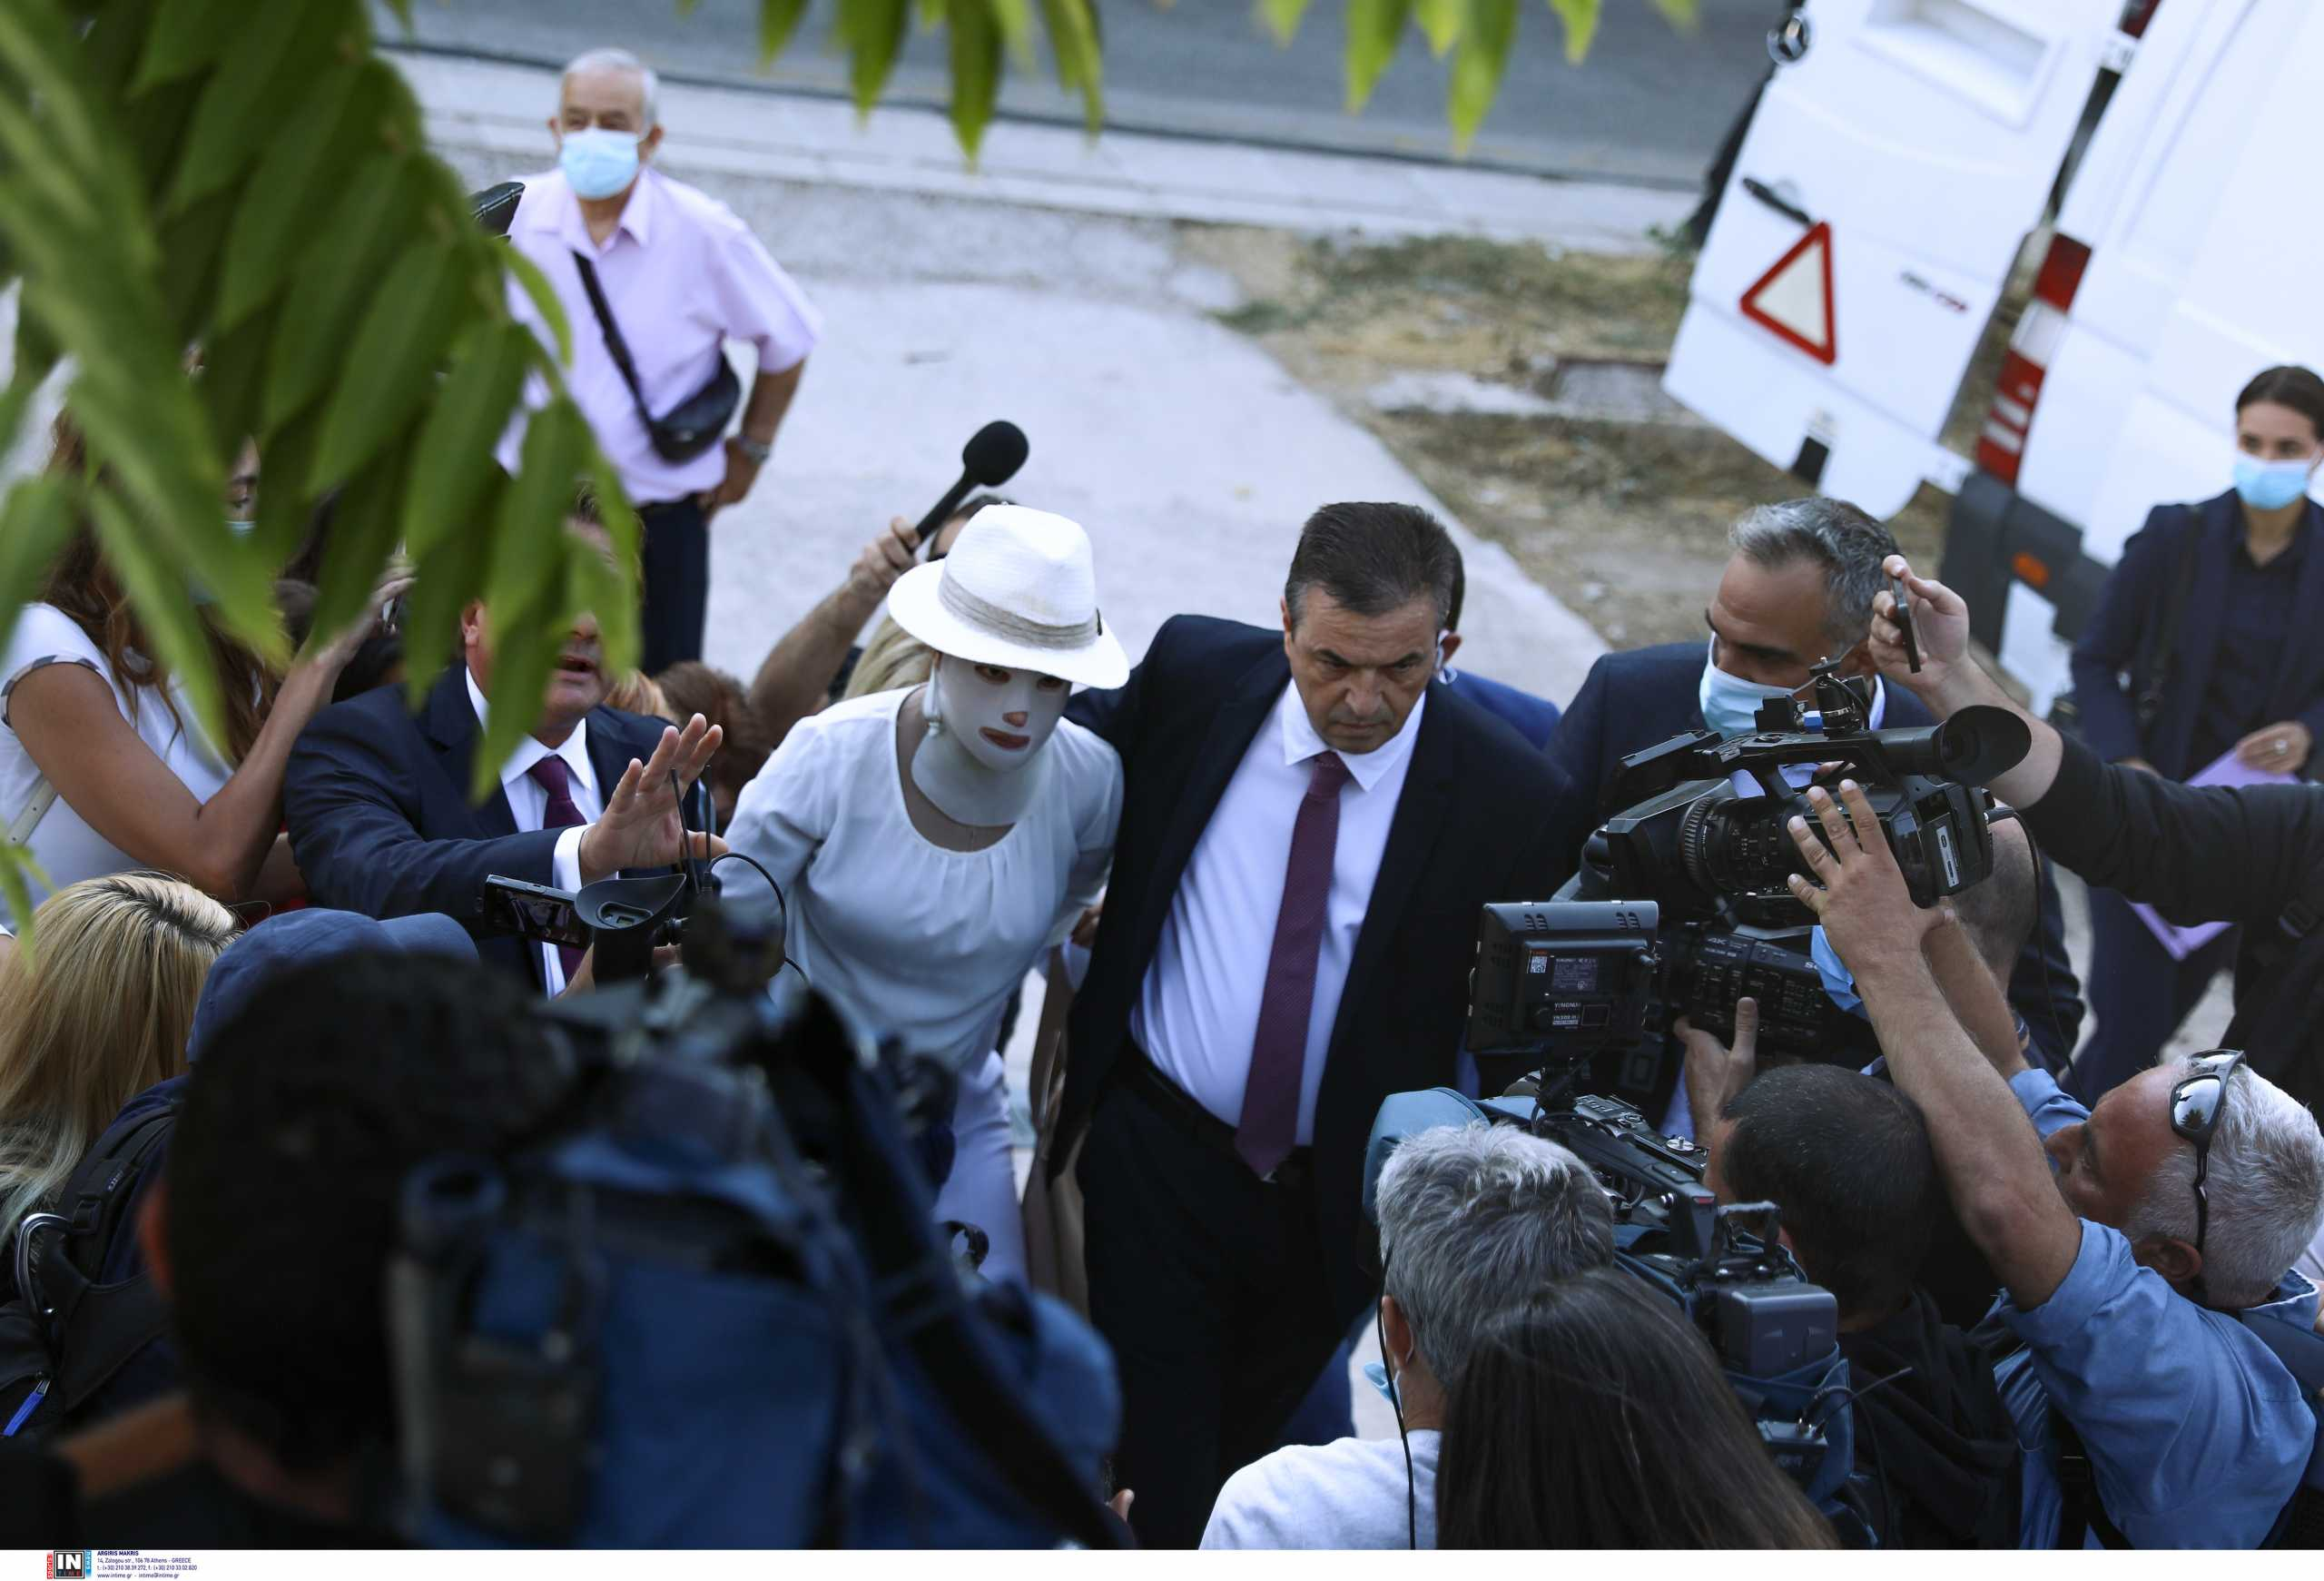 Επίθεση με βιτριόλι: Η δράστις ζητά αλλαγή των κατηγοριών – Τα λόγια του Σάκη Κεχαγιόγλου για την Ιωάννα